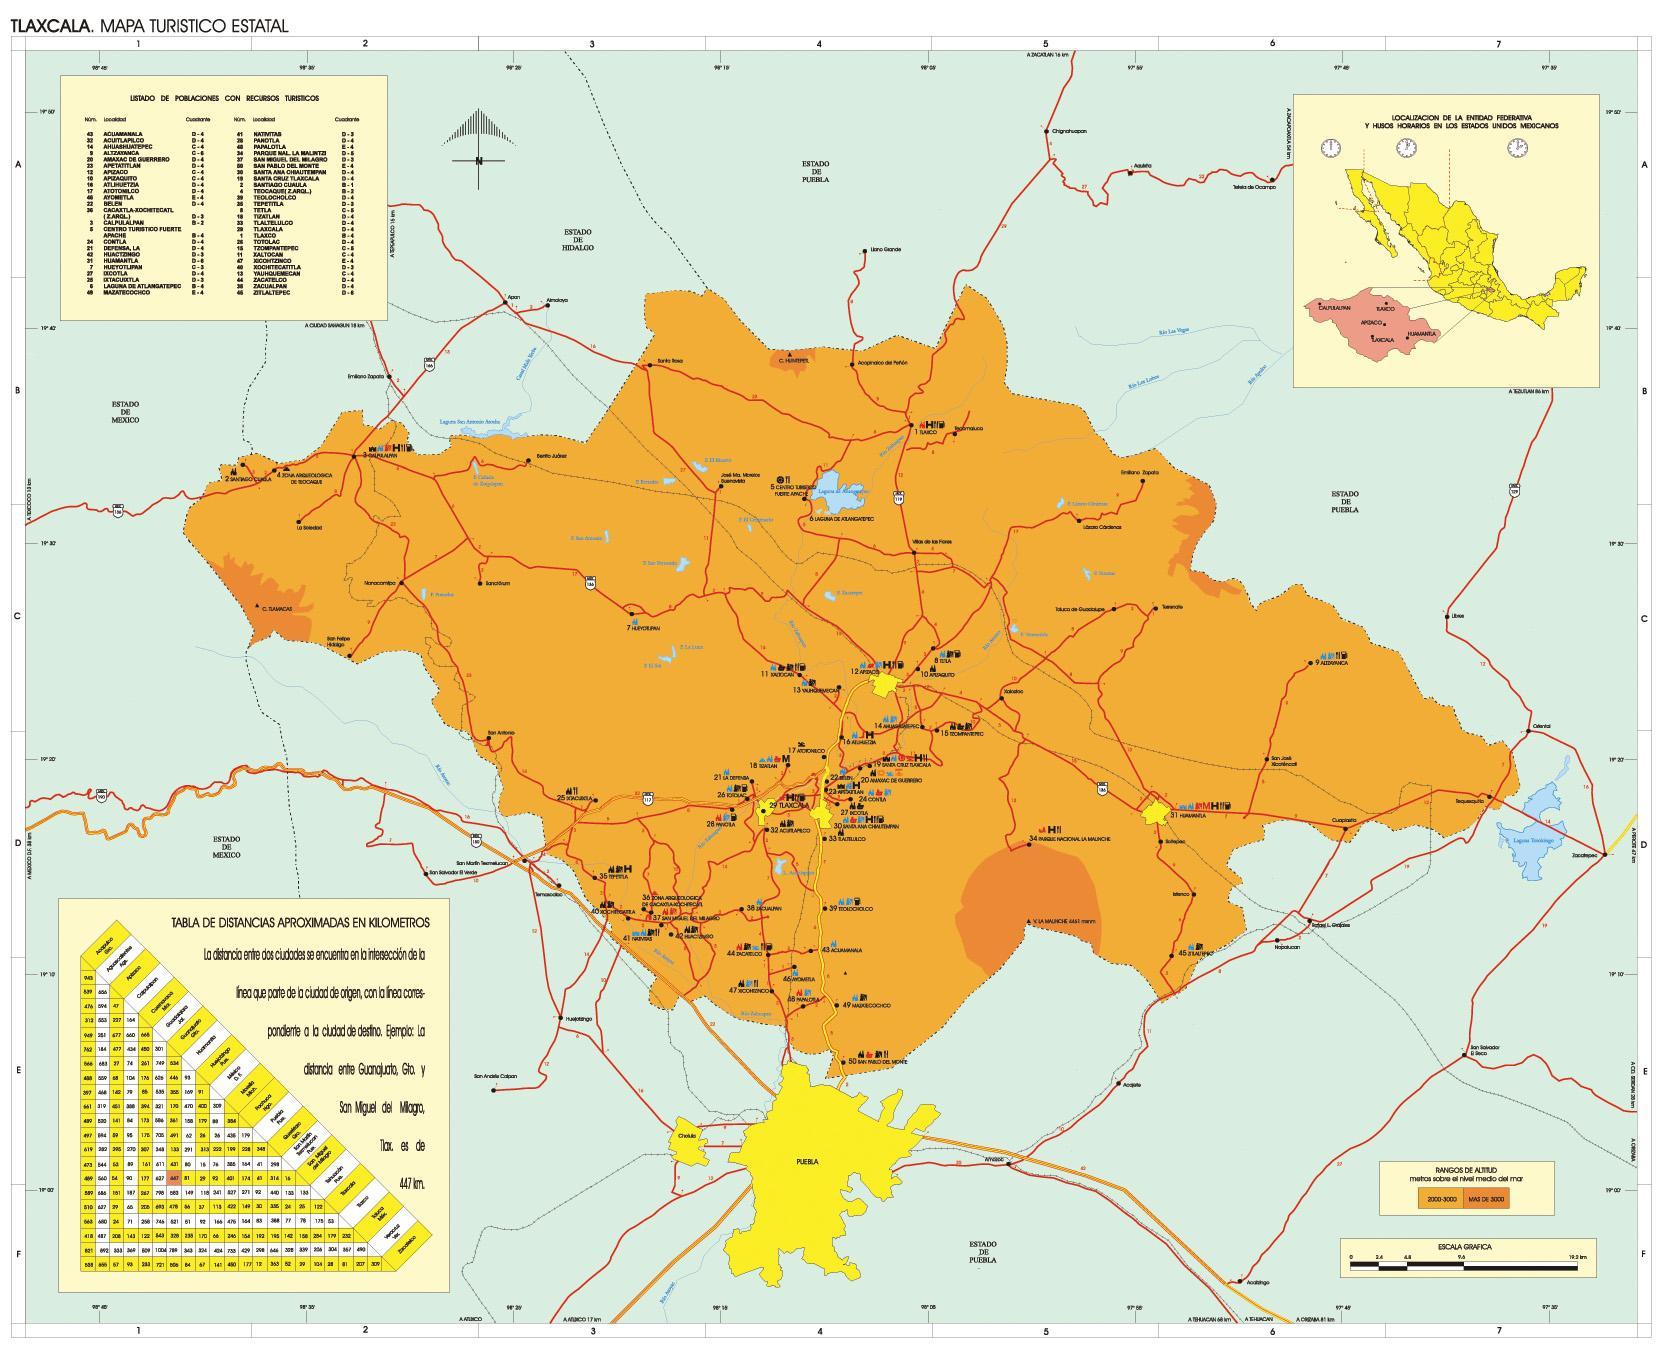 Mapa Estado de Tlaxcala, Mexico